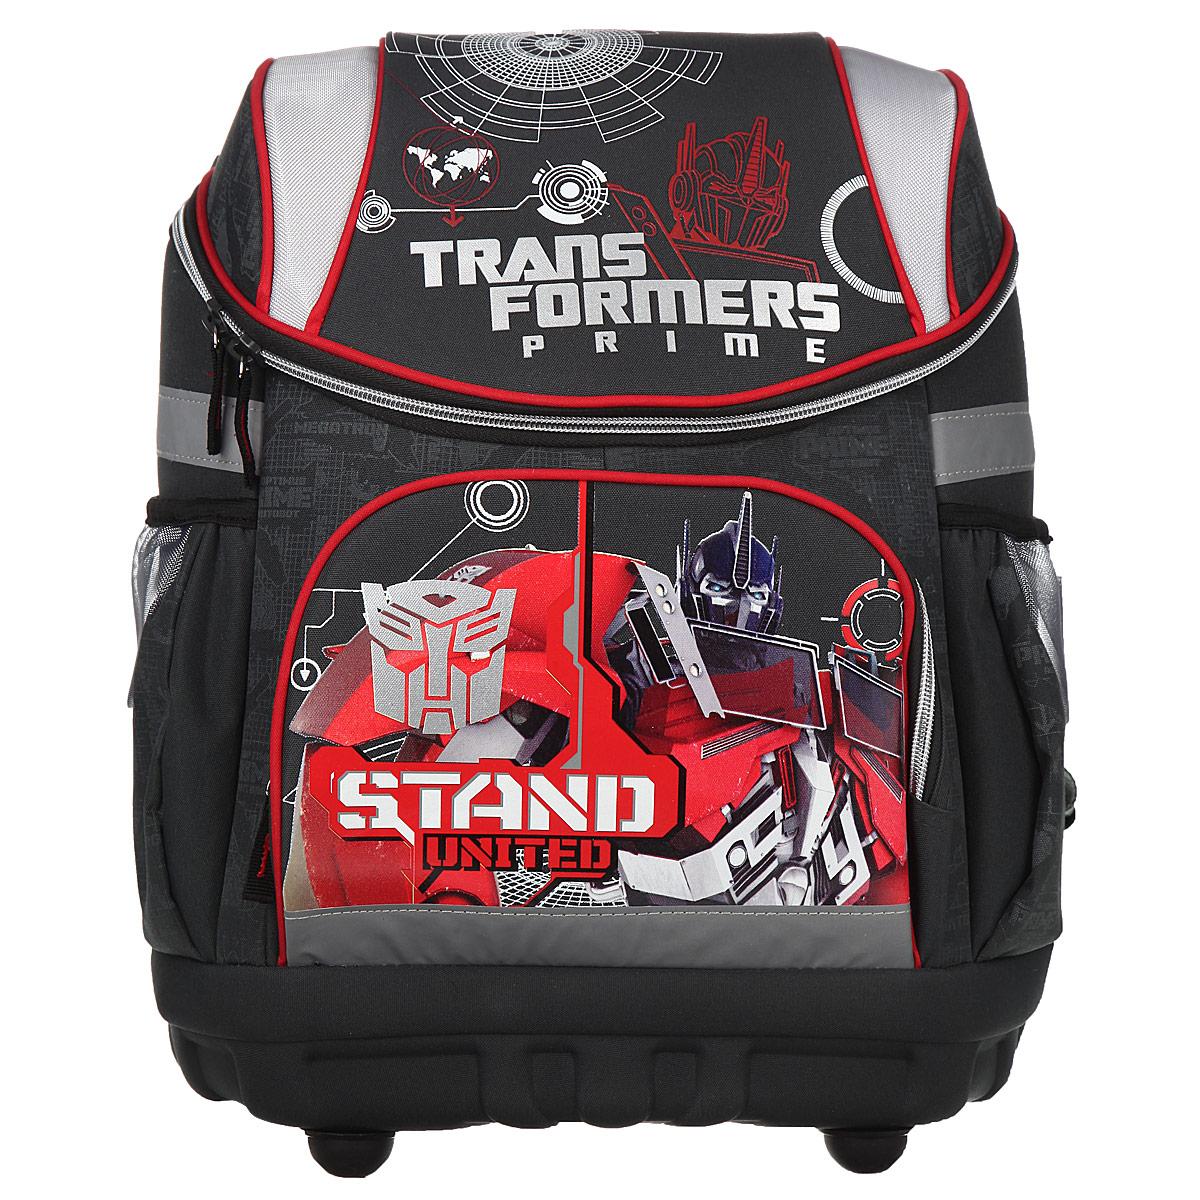 Купить Рюкзак детский Академия Групп Transformers Prime , цвет: серый, красный. TRAB-UT1-135, Kinderline International Ltd.